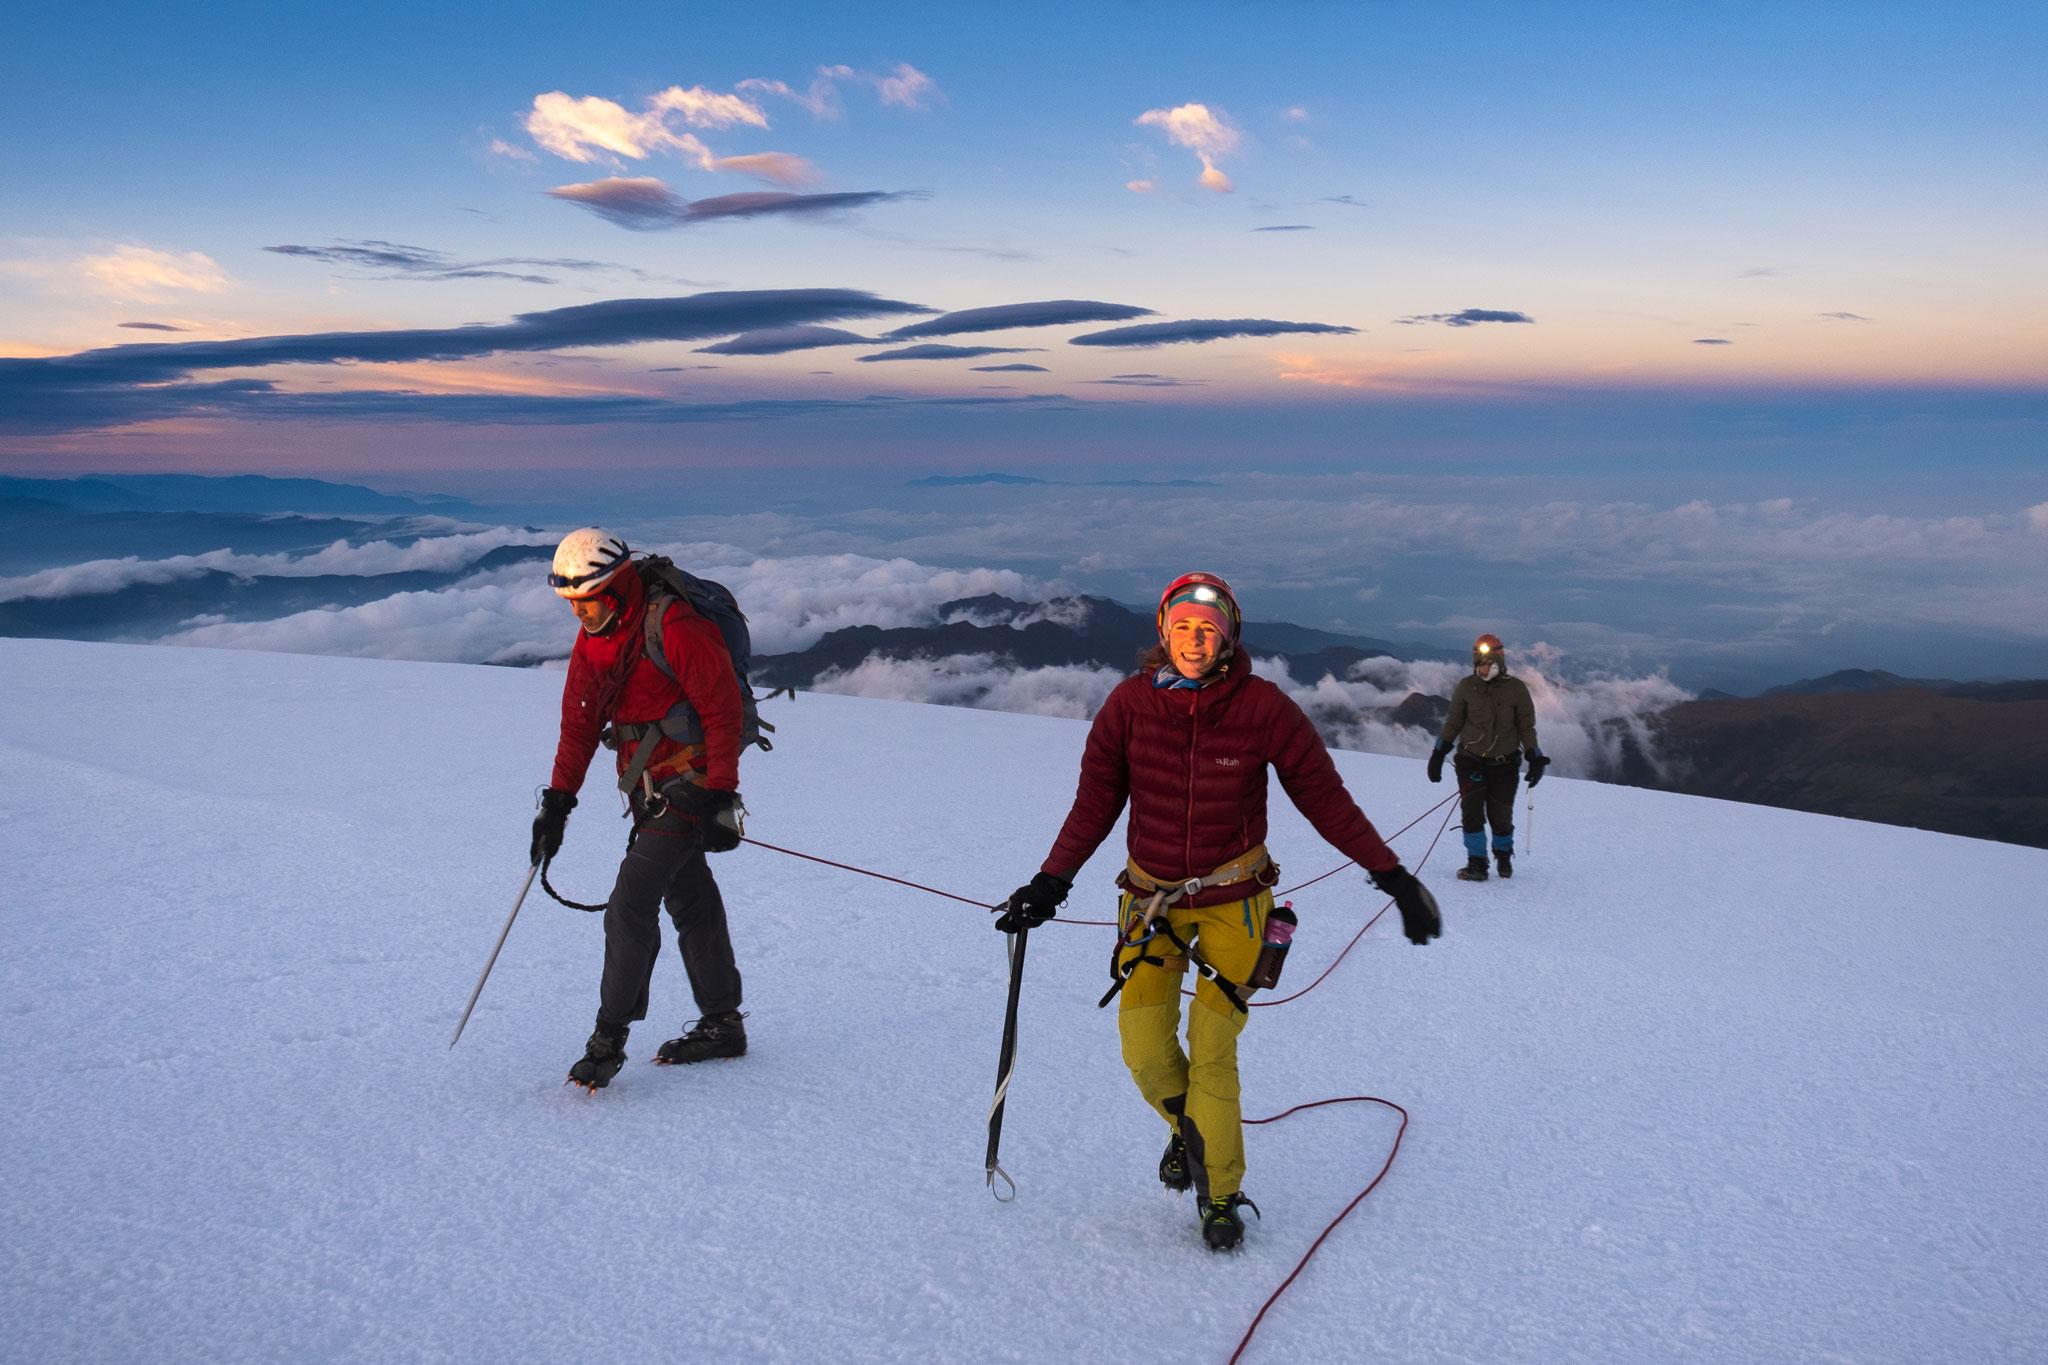 culmbre-del-tolima-volcan-parque-de-los-nevados